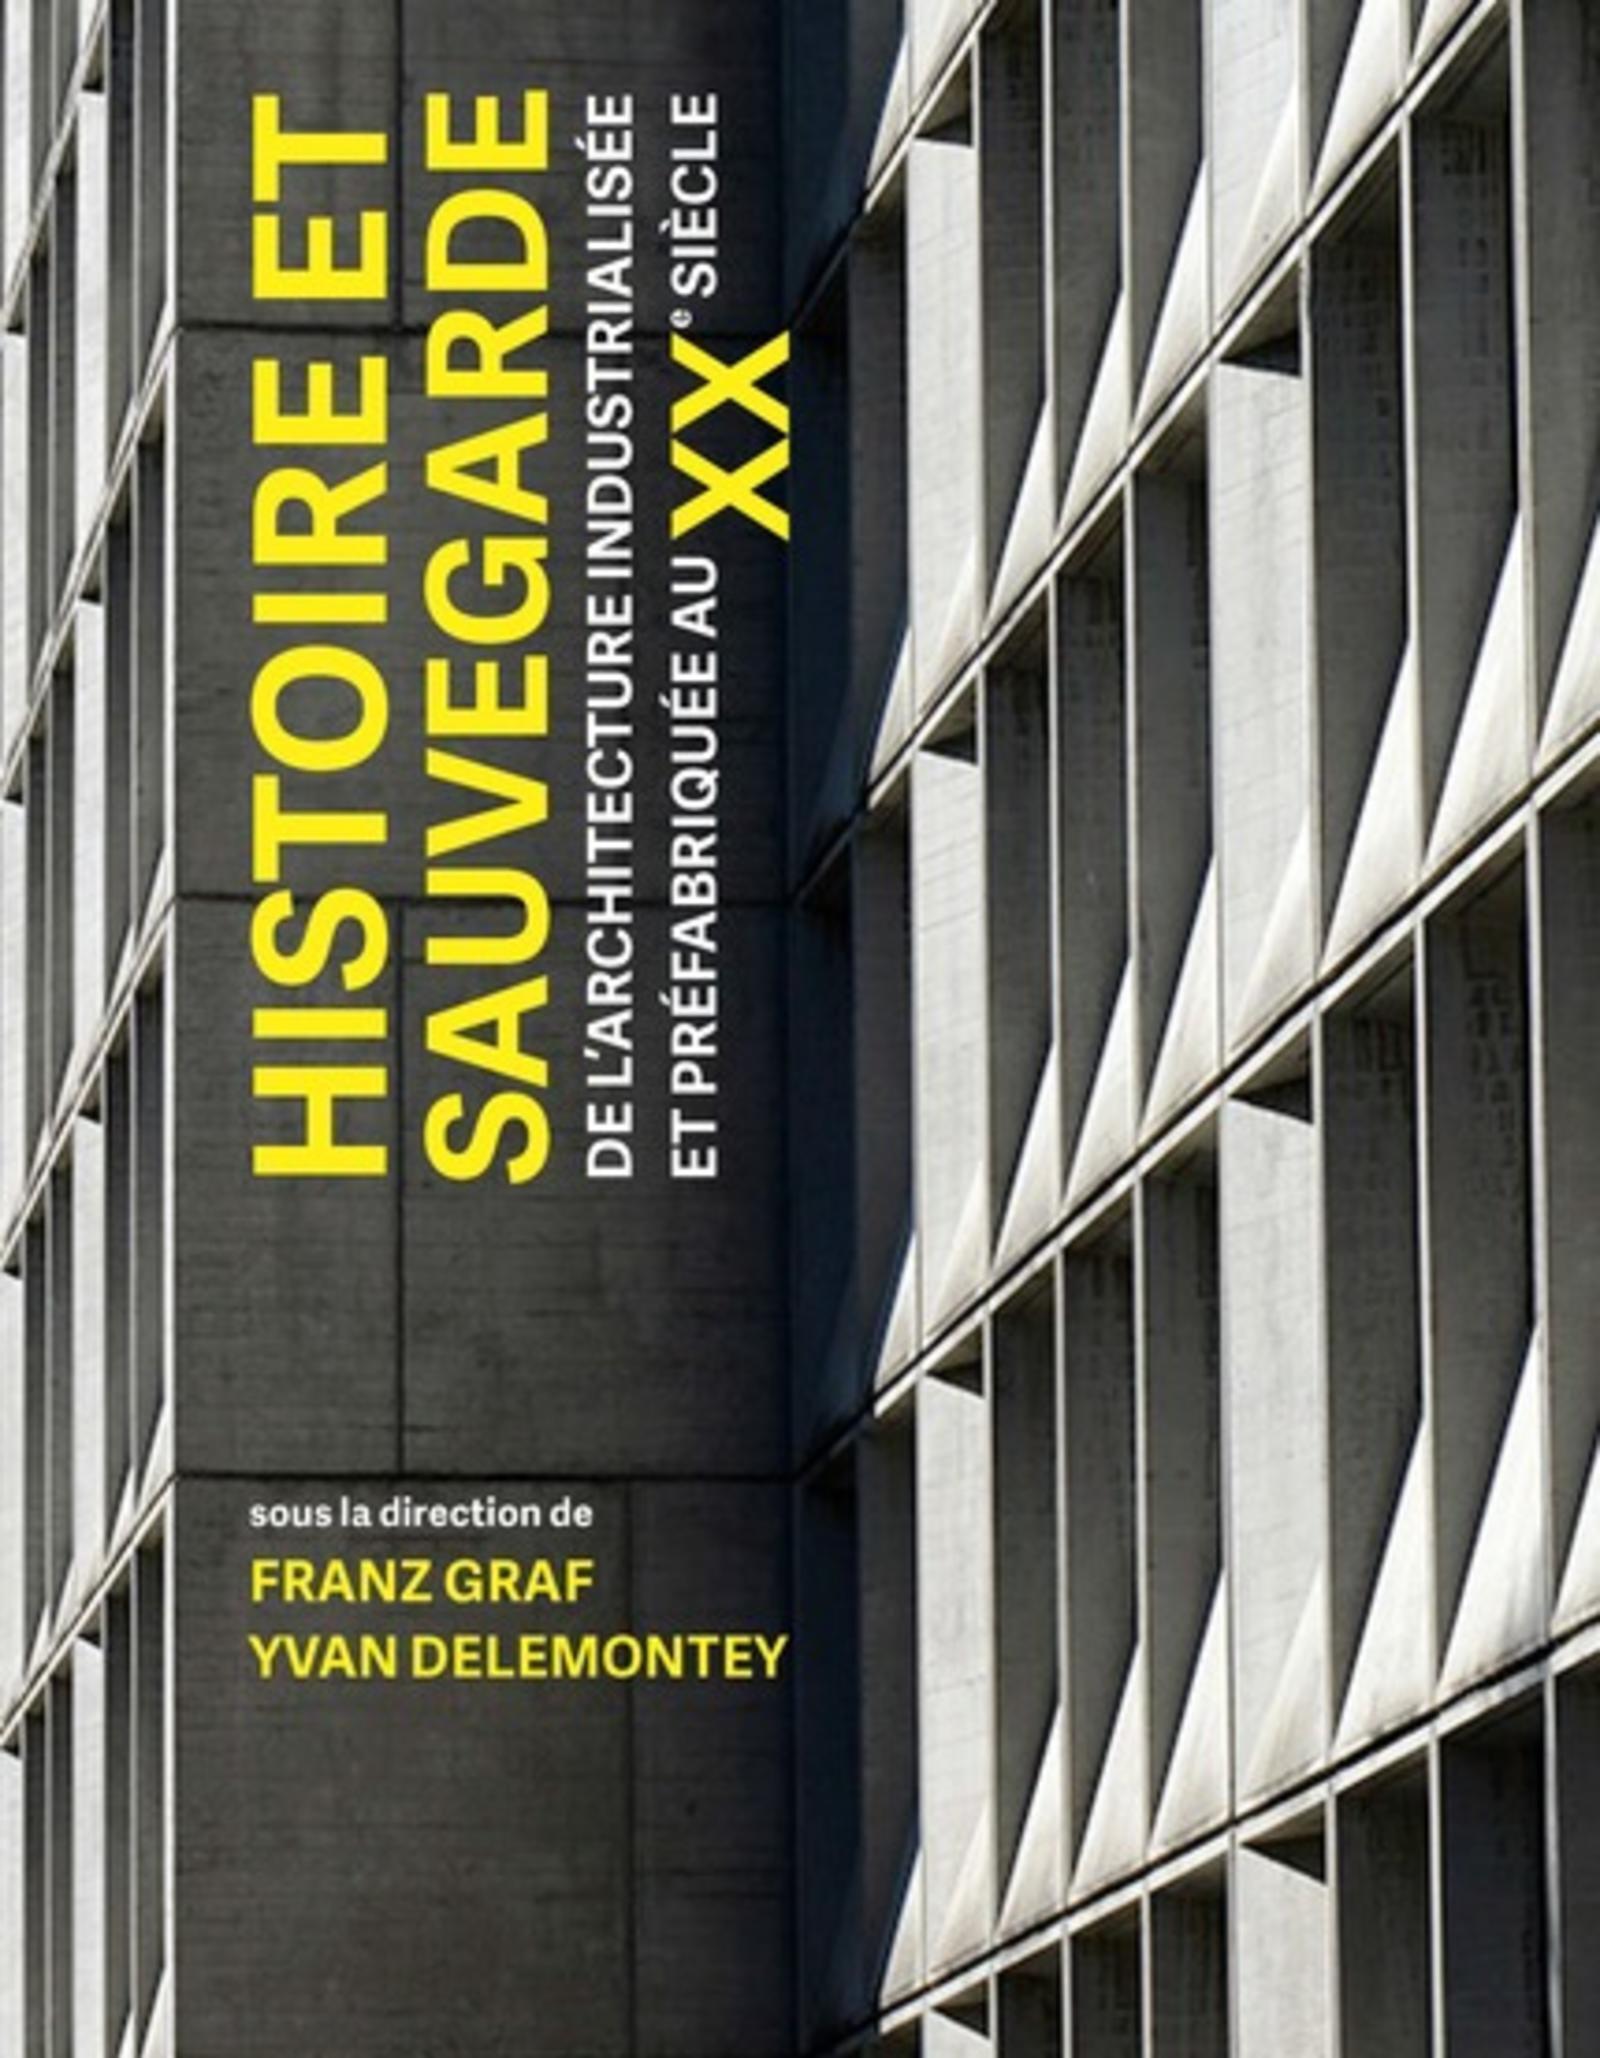 HISTOIRE ET SAUVEGARDE DE L'ARCHITECTURE INDUSTRIALISEE ET PREFABRIQUEE AU XXE